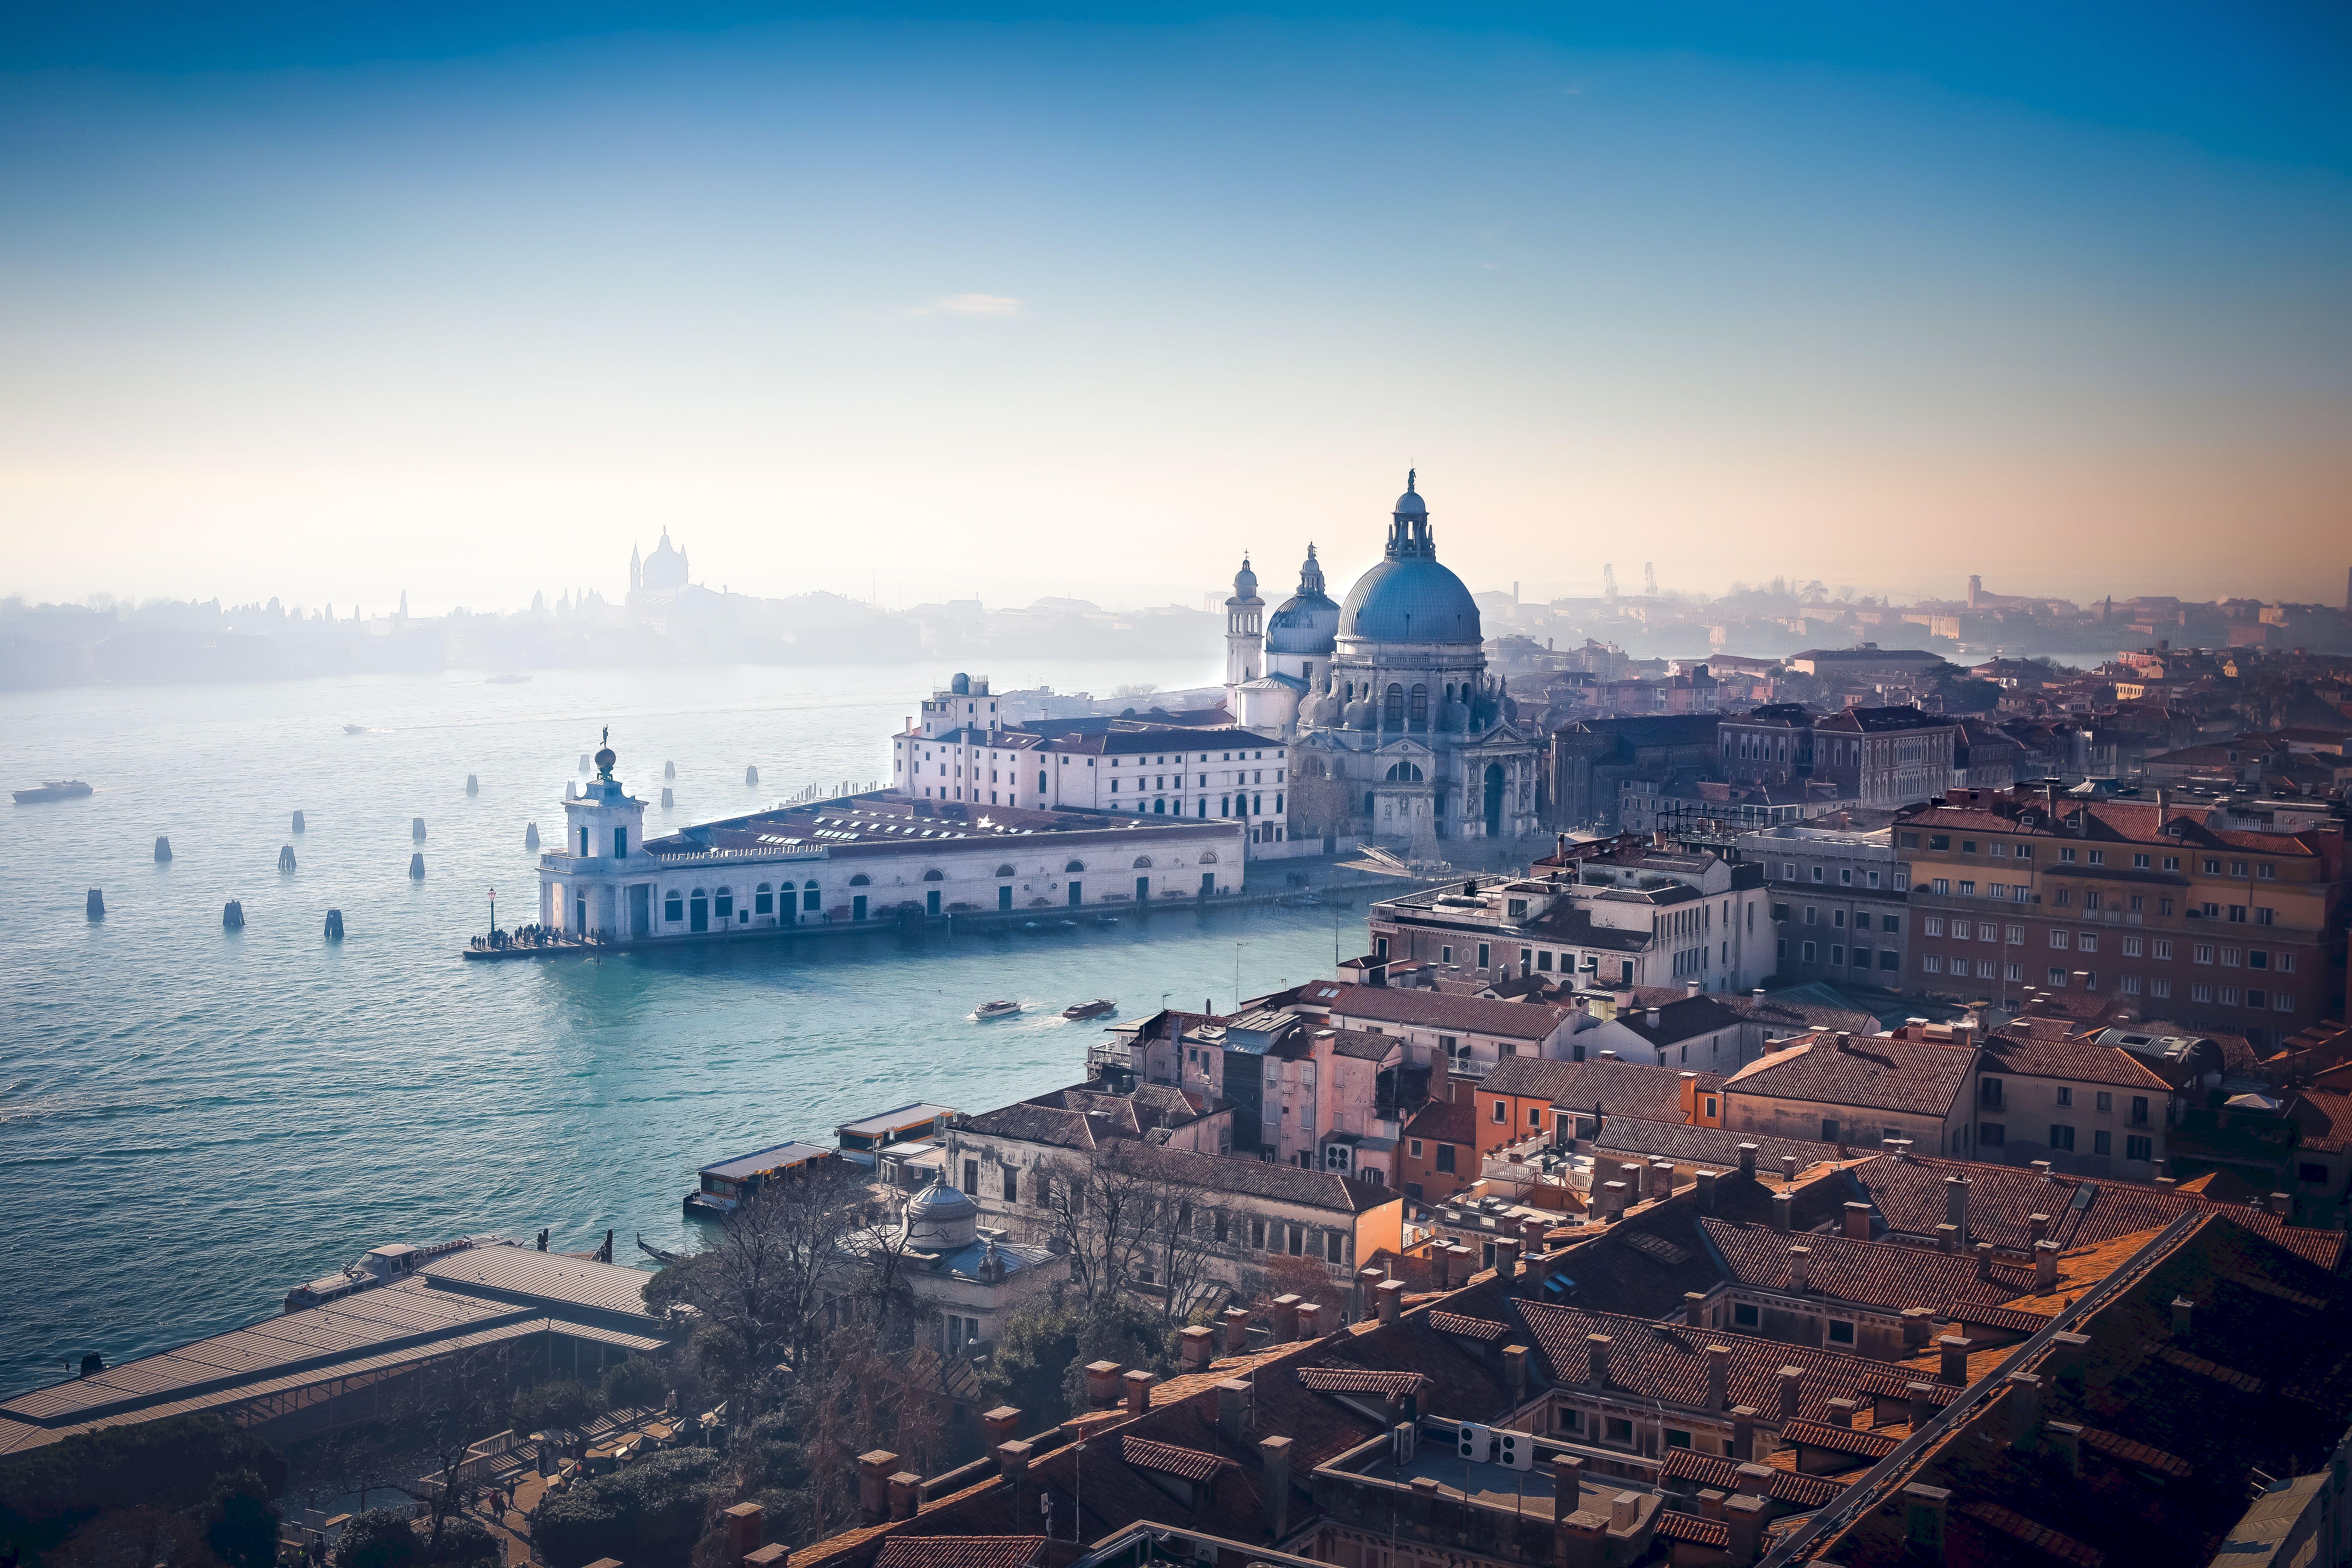 108924 скачать обои Архитектура, Города, Италия, Венеция, Река, Вид Сверху, Канал - заставки и картинки бесплатно